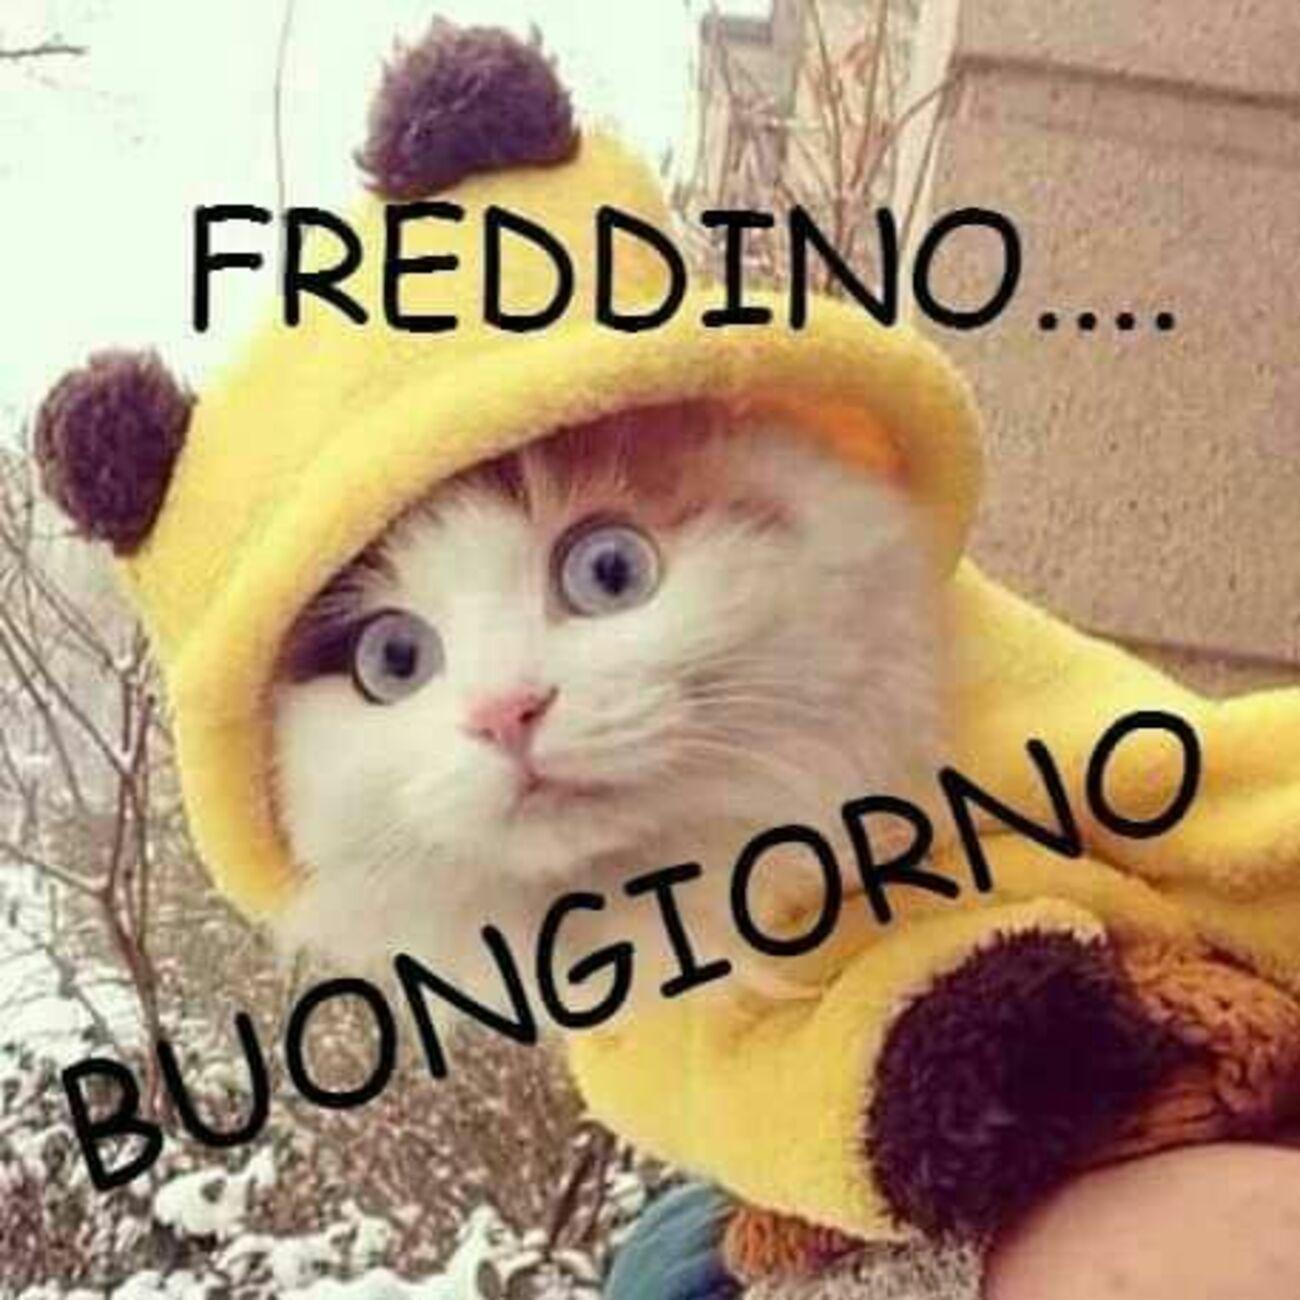 Freddino... Buongiorno